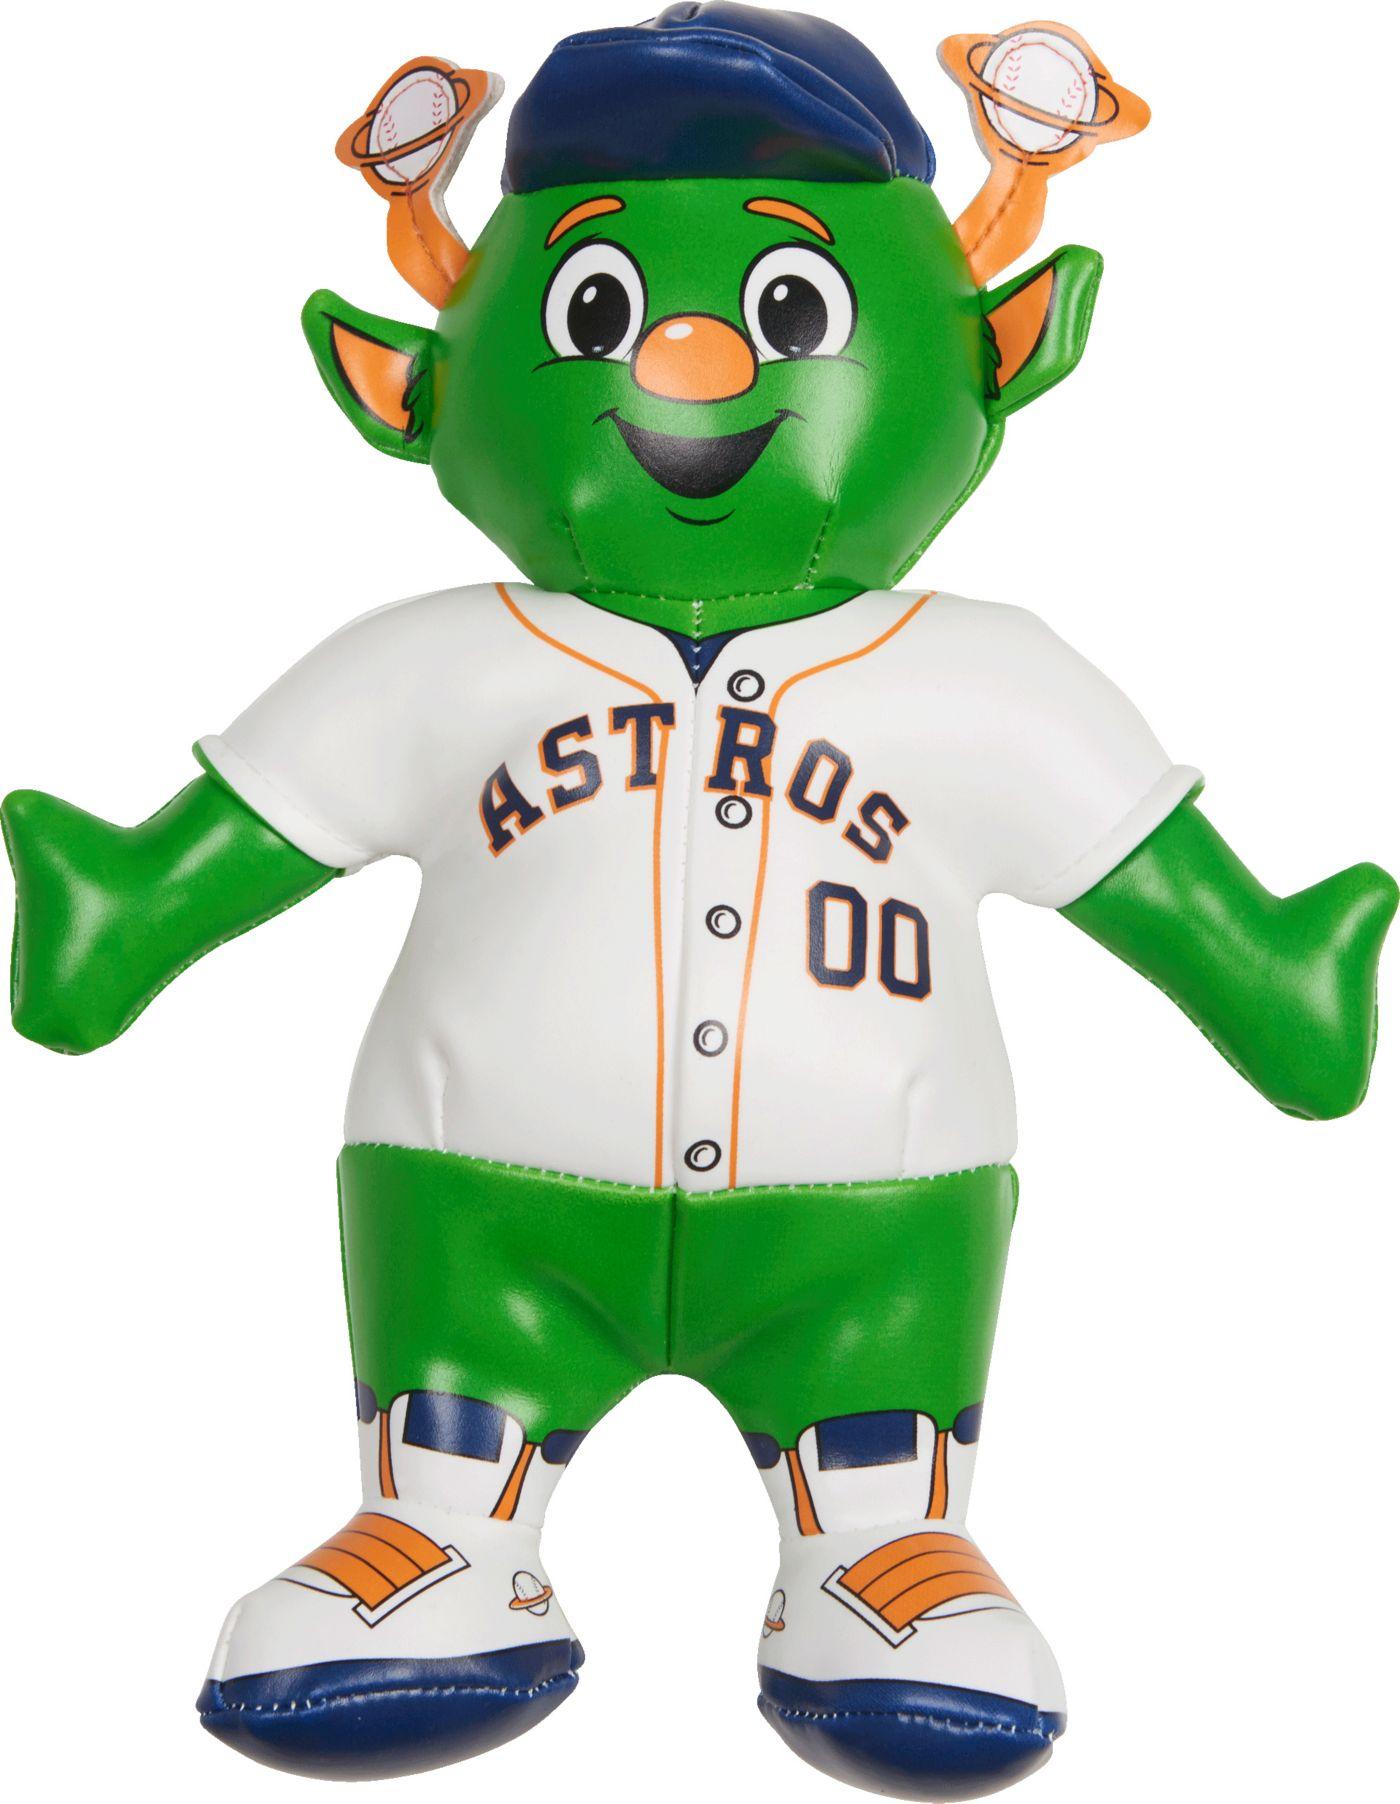 Rawlings Houston Astros Mascot Softee Plush